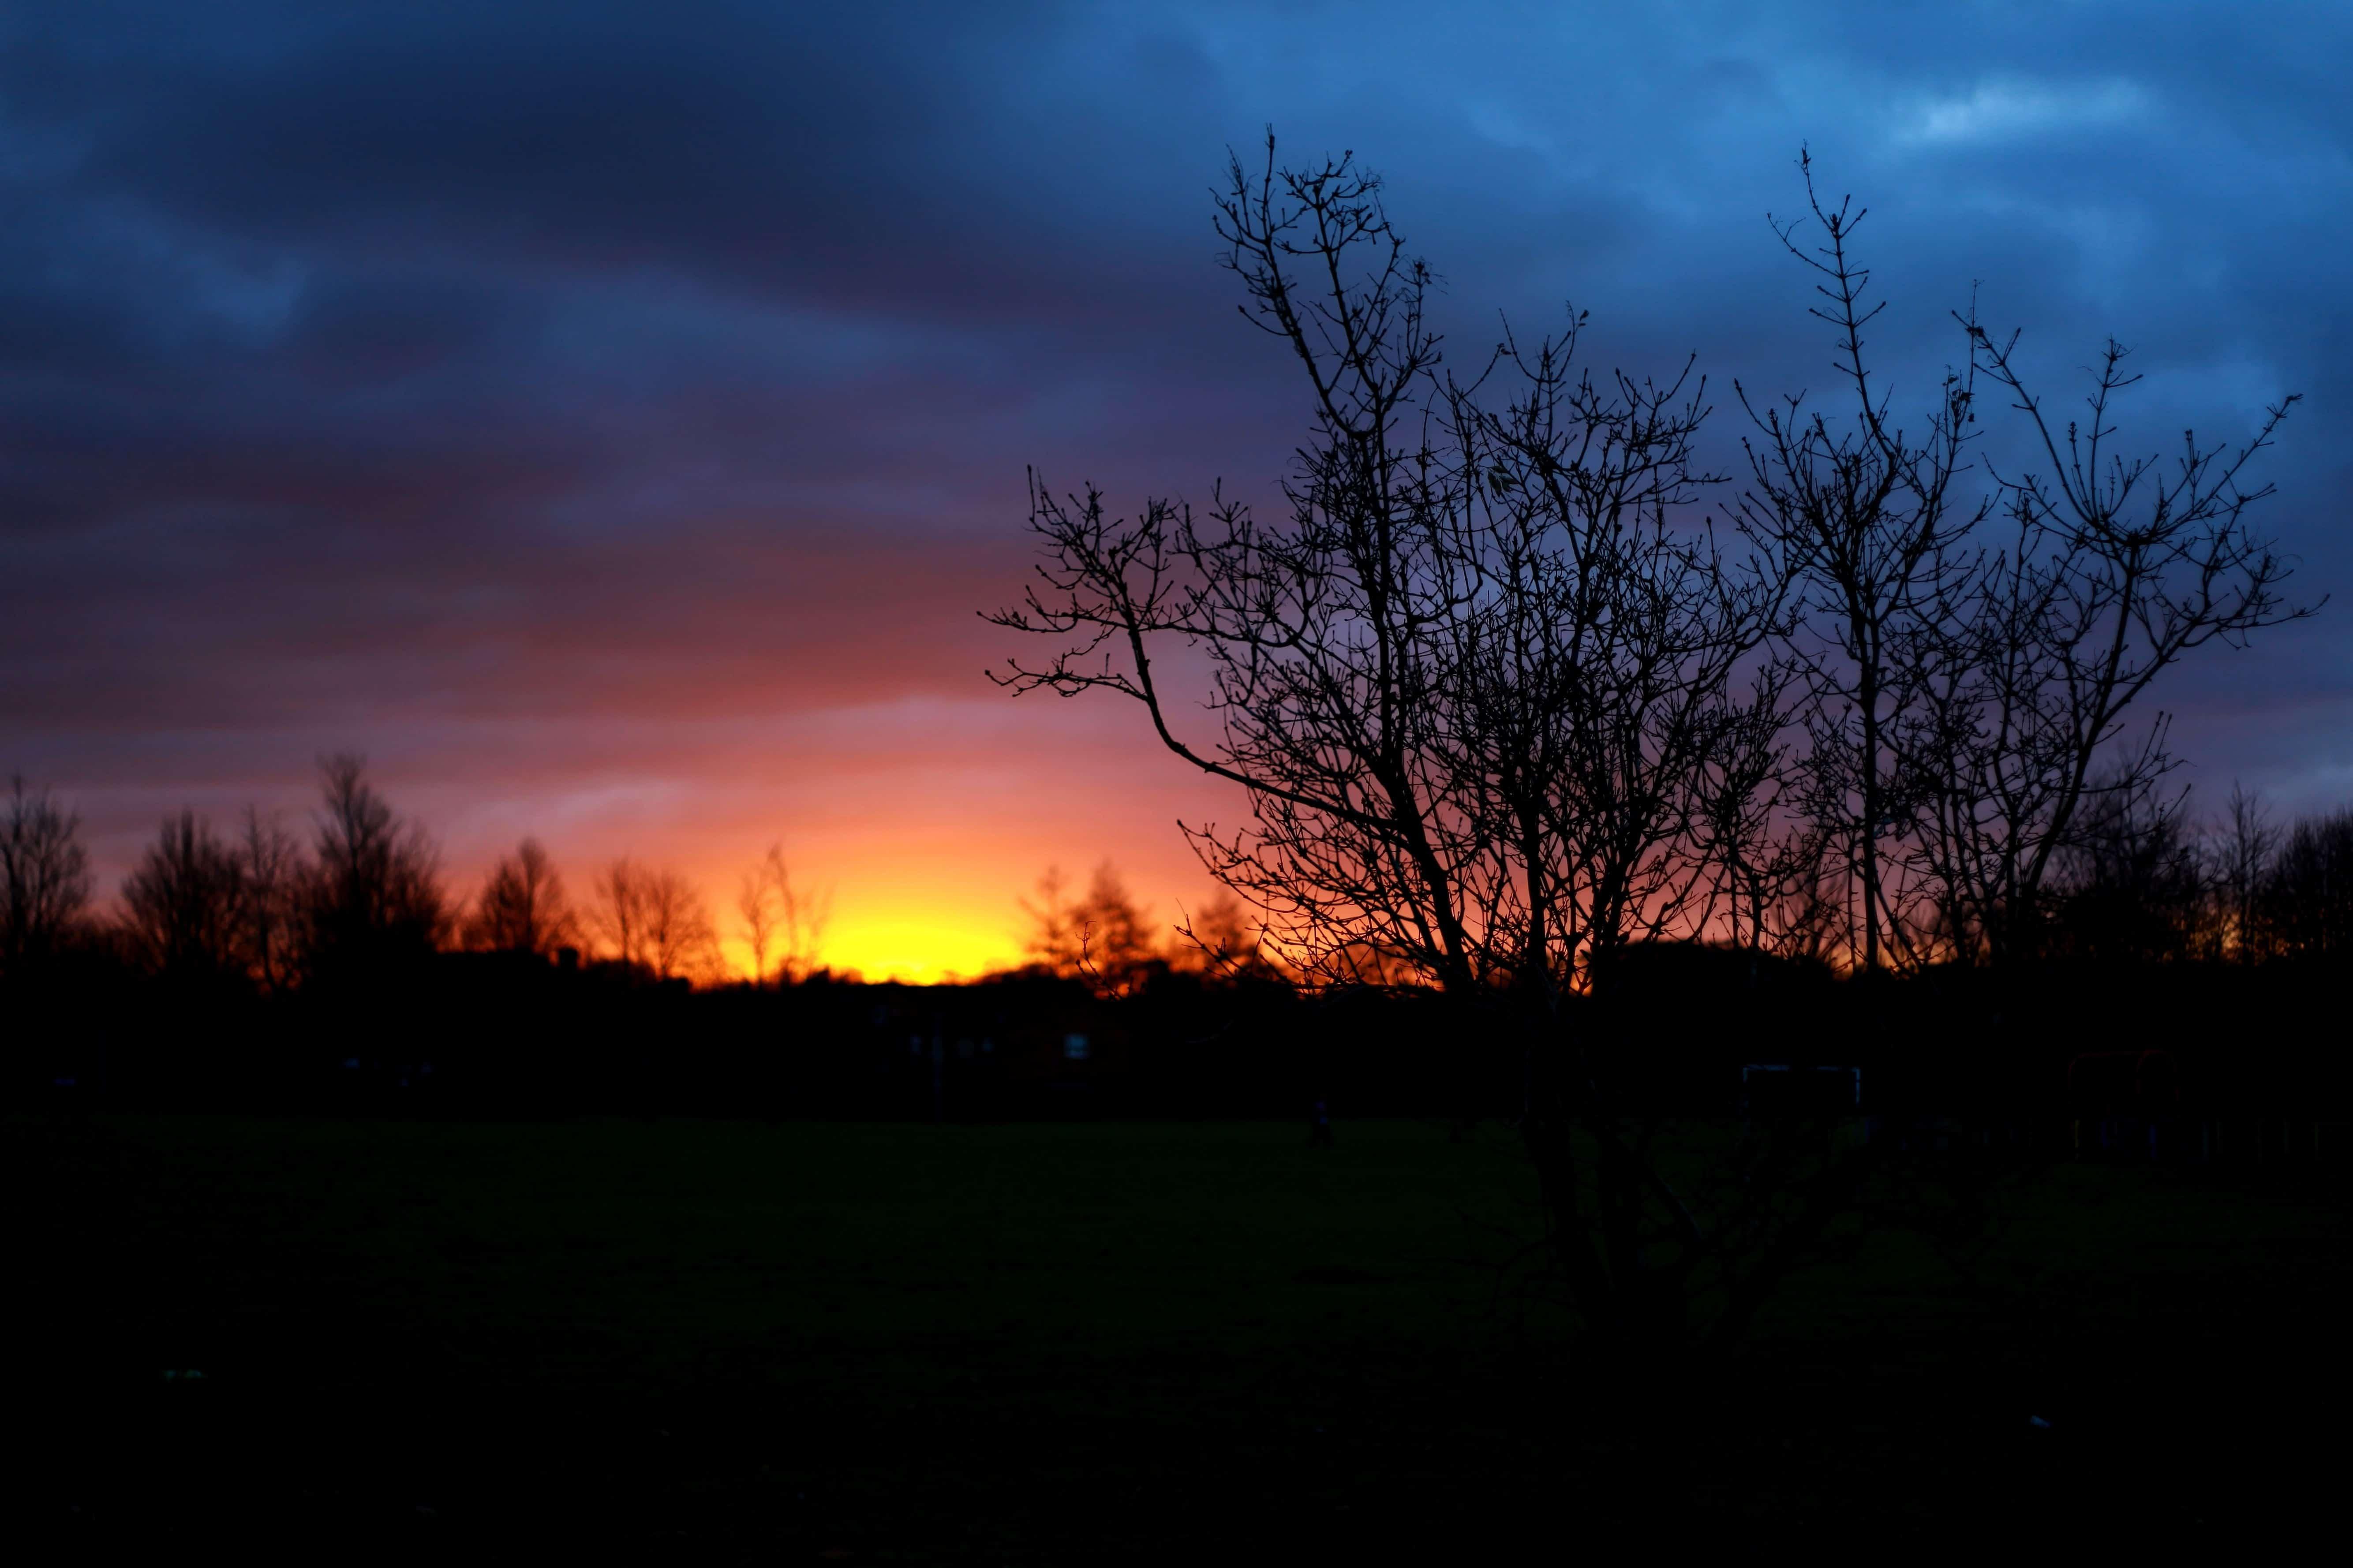 The Amazing Wallpaper Hd Free Picture Dark Night Dawn Sunrise Silhouette